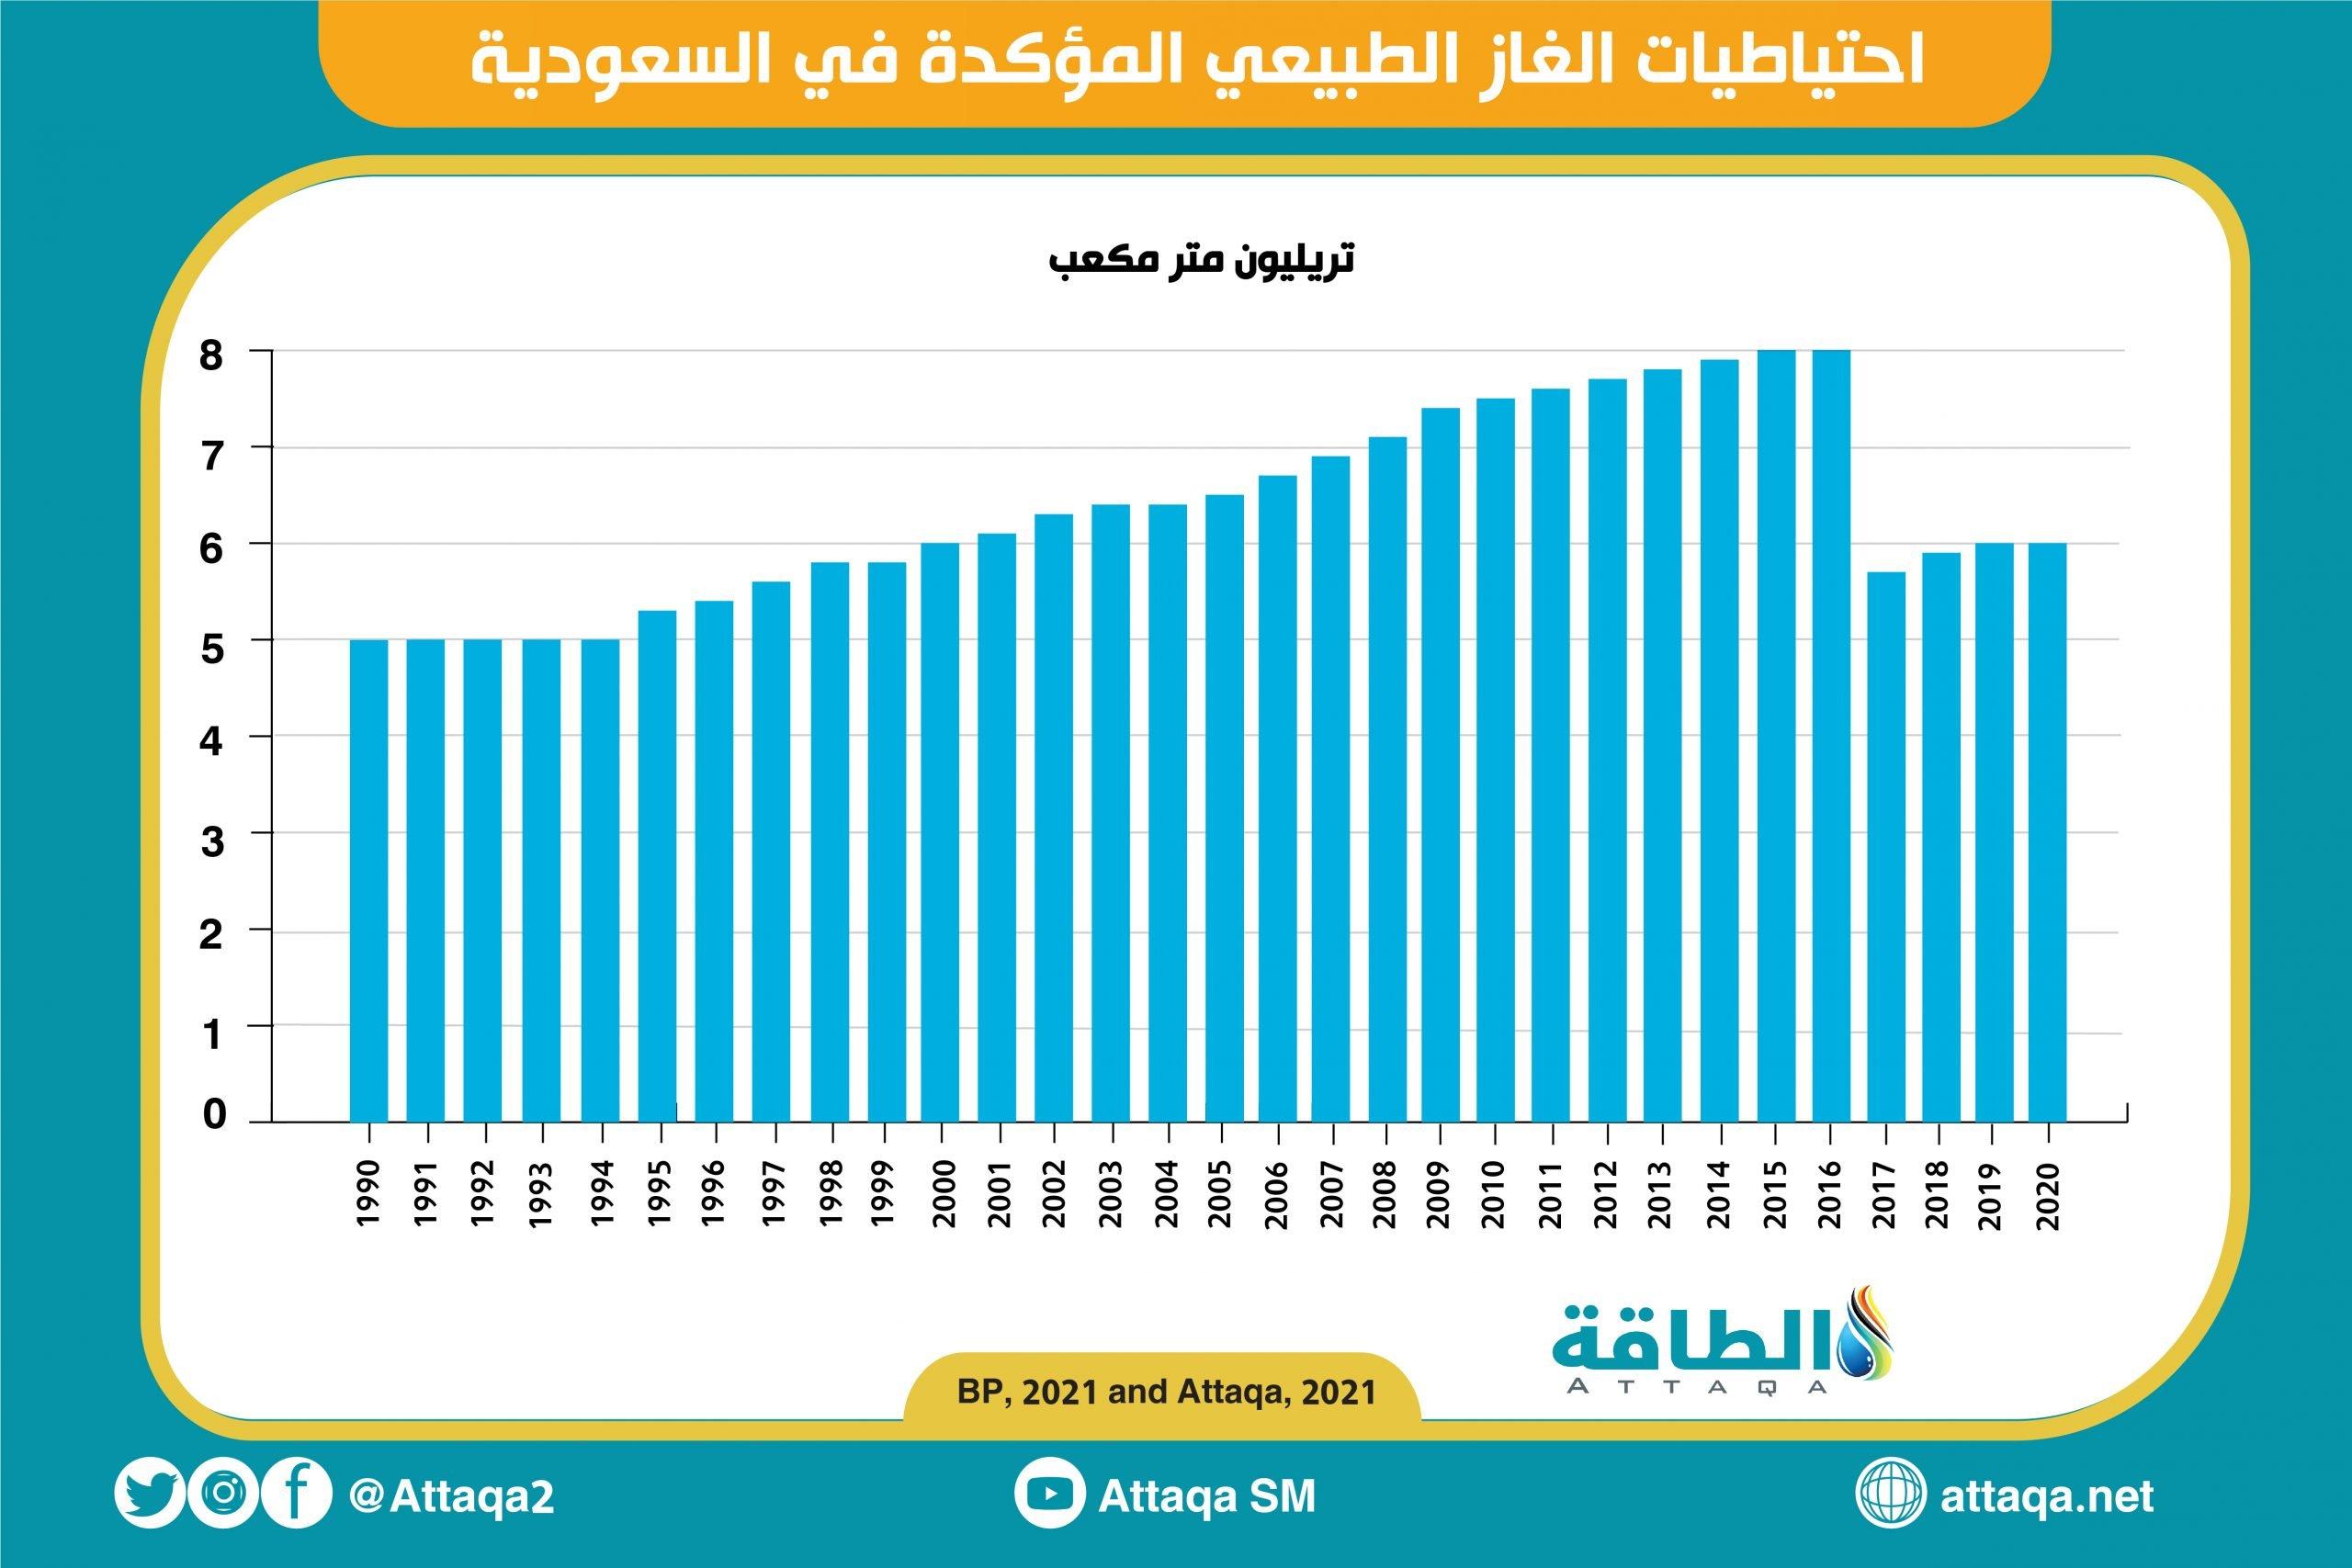 السعودية - احتياطيات الغاز - الغاز الطبيعي